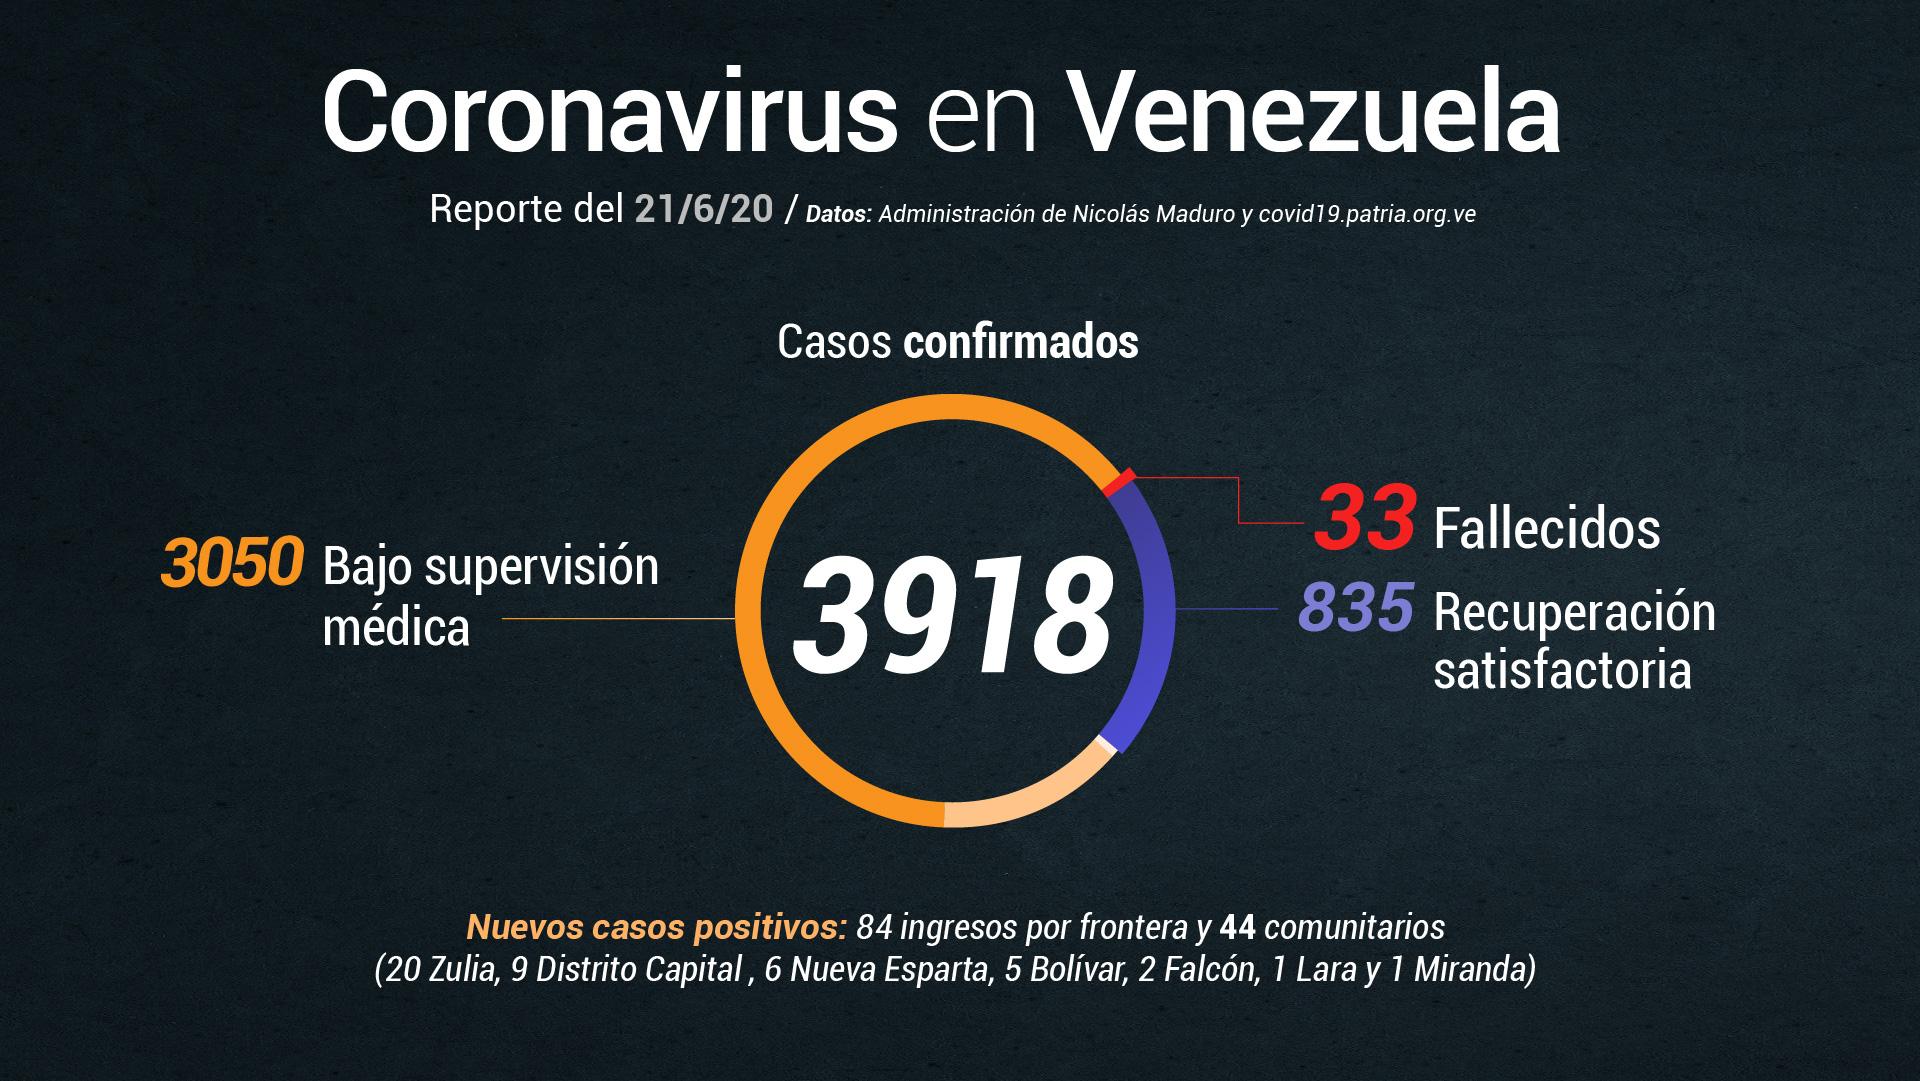 Coronavirus sumó más de 850 casos en Venezuela solo durante la última semana